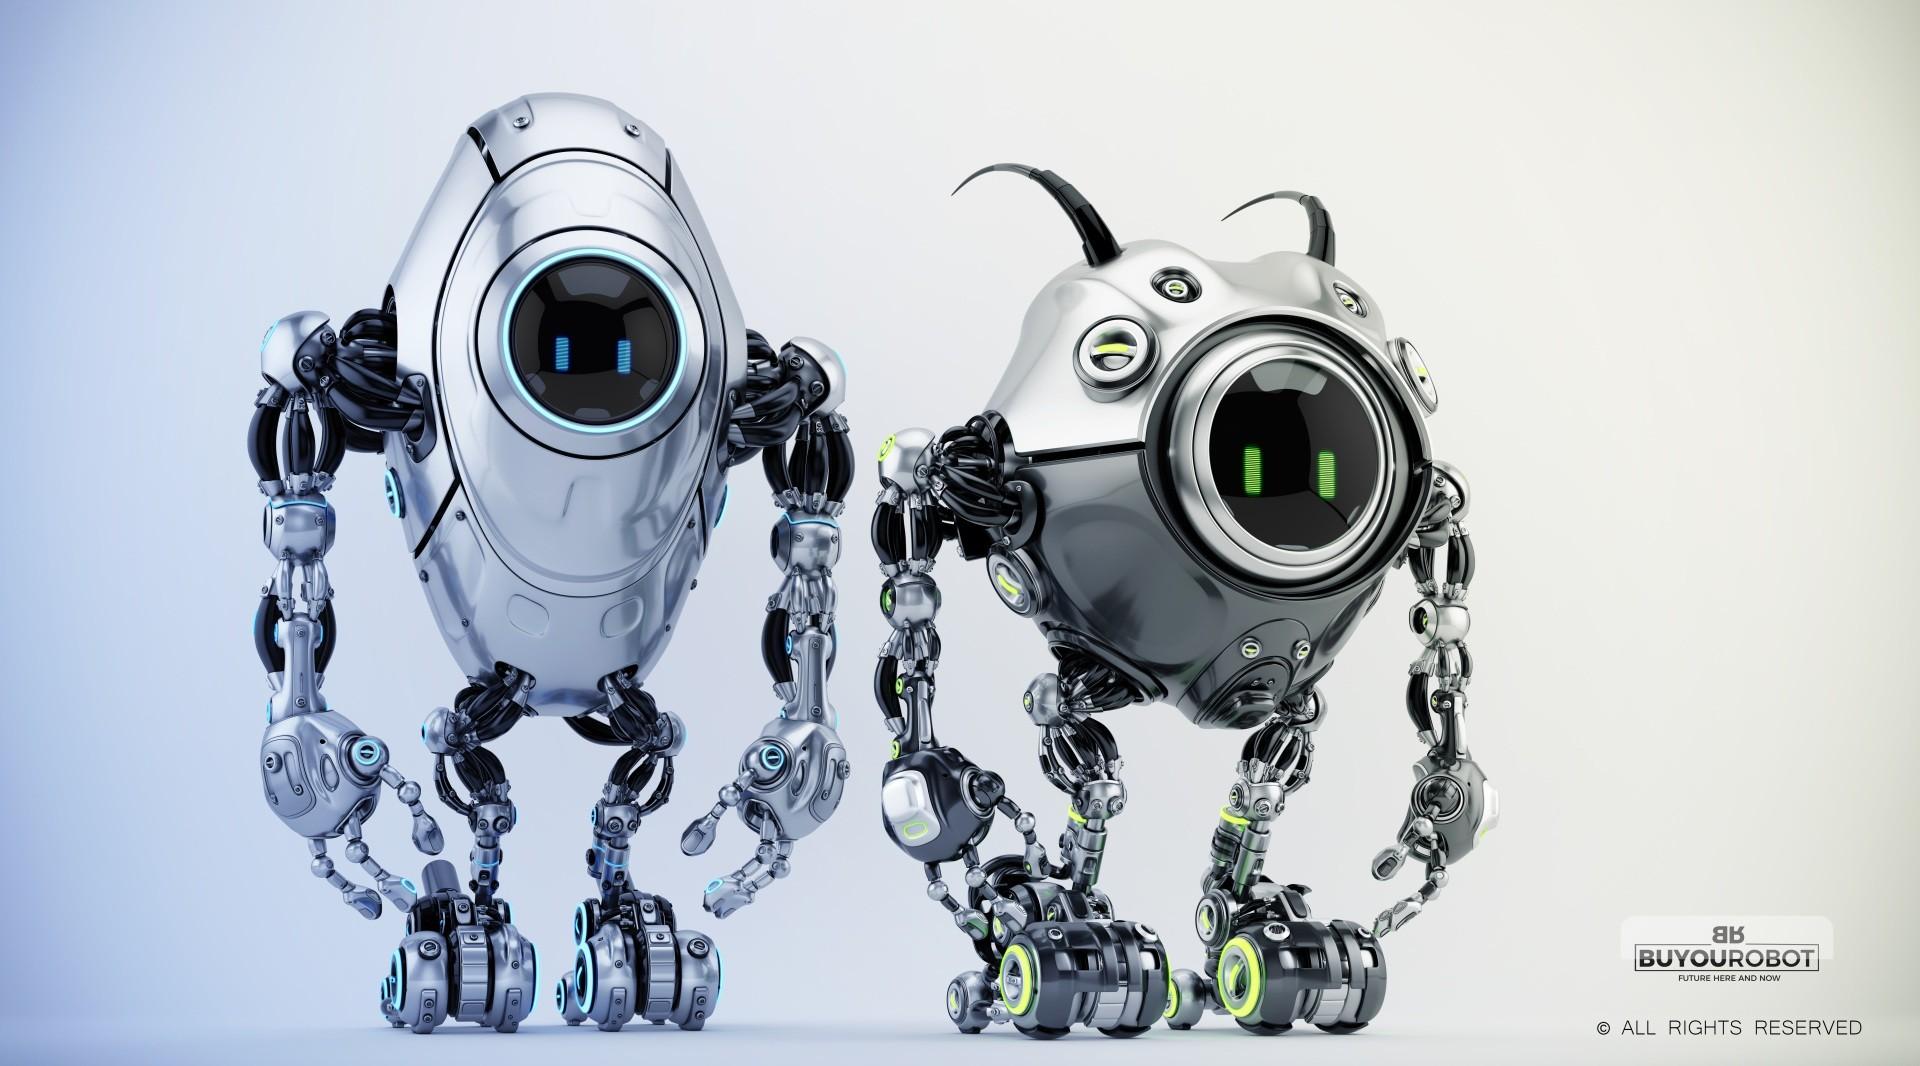 Vladislav ociacia beetle robot family buyourobot 7